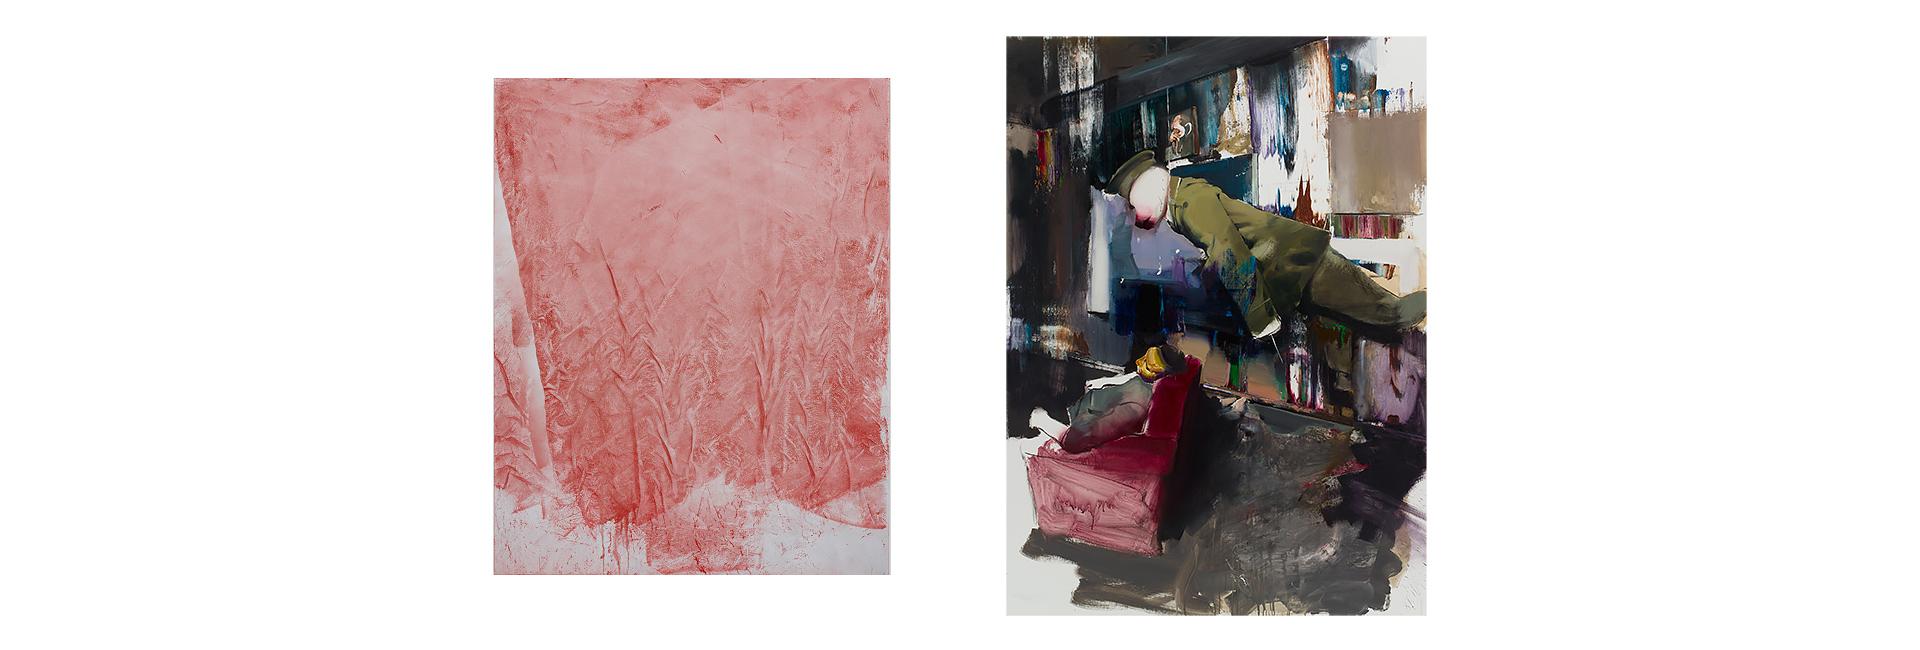 Итоги Art Basel в Гонконге от Александра Бланаря (фото 2)